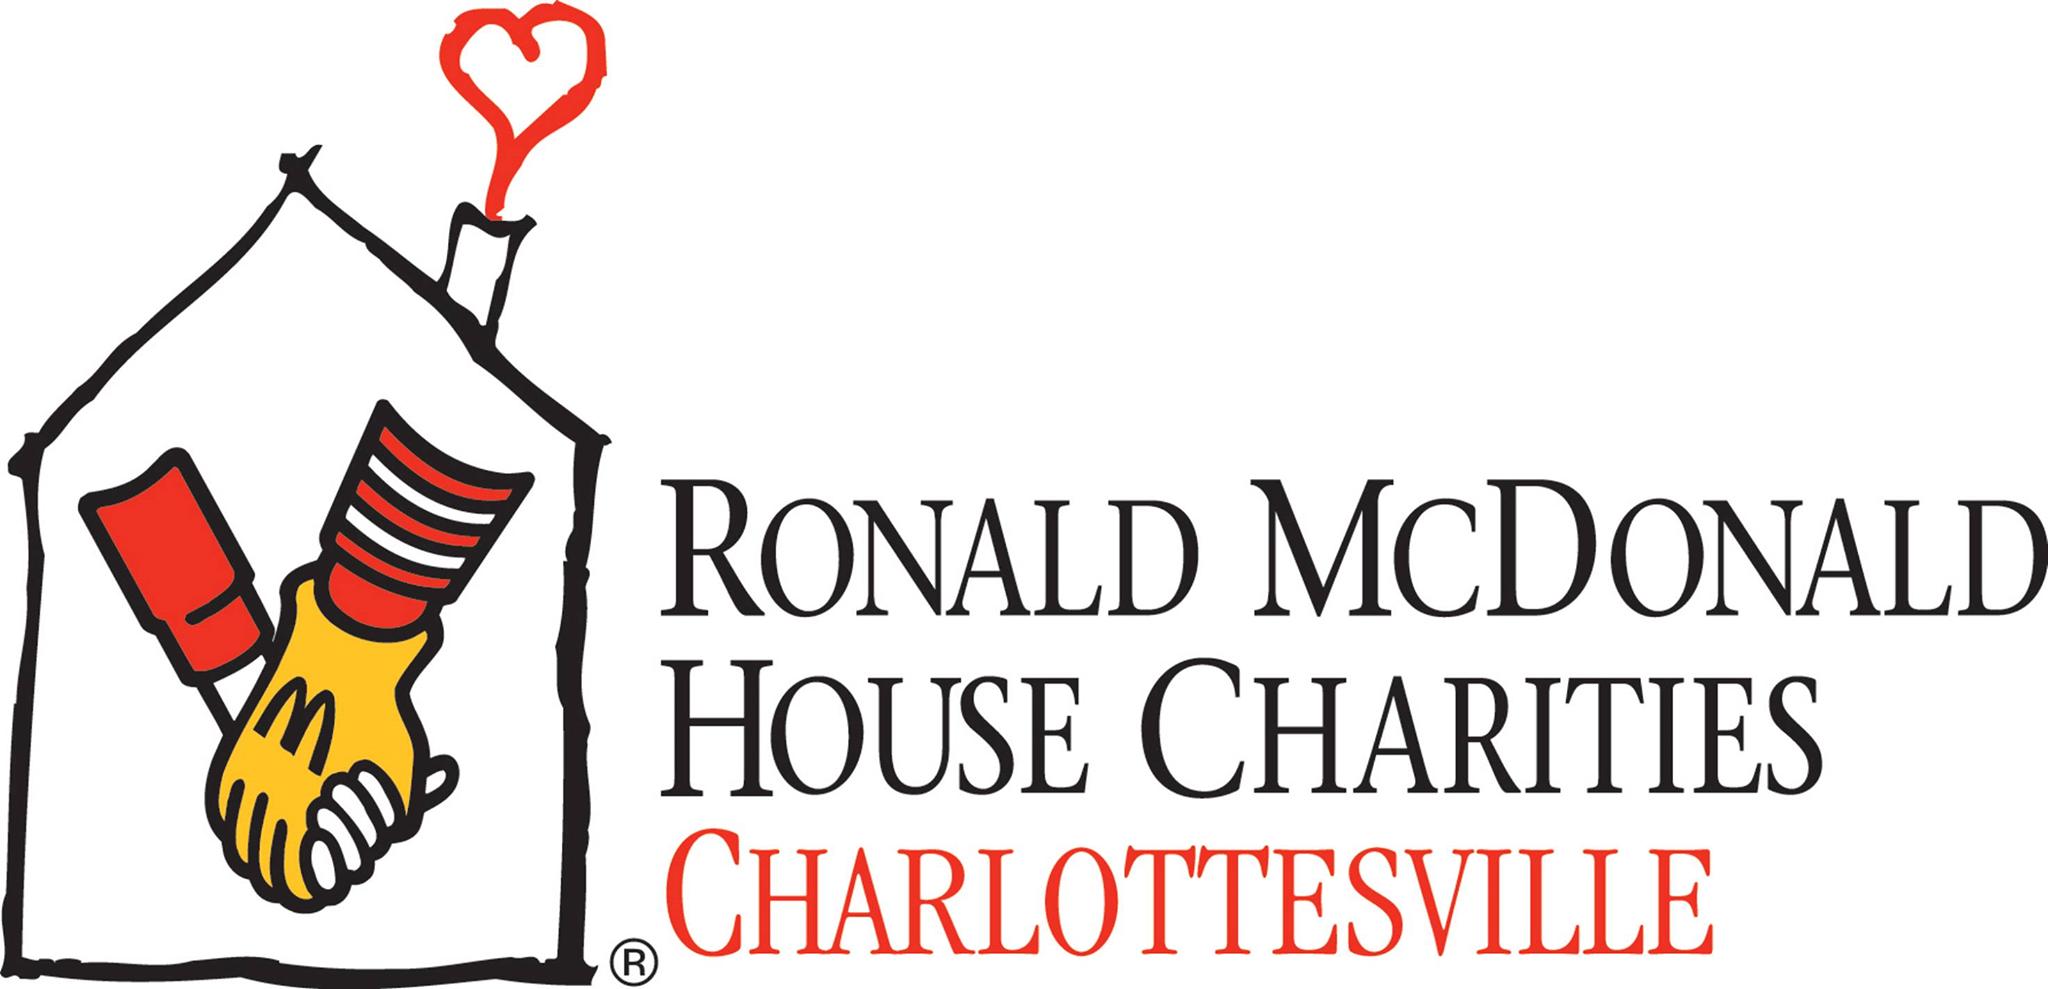 Ronald McDonald House Charlottesville